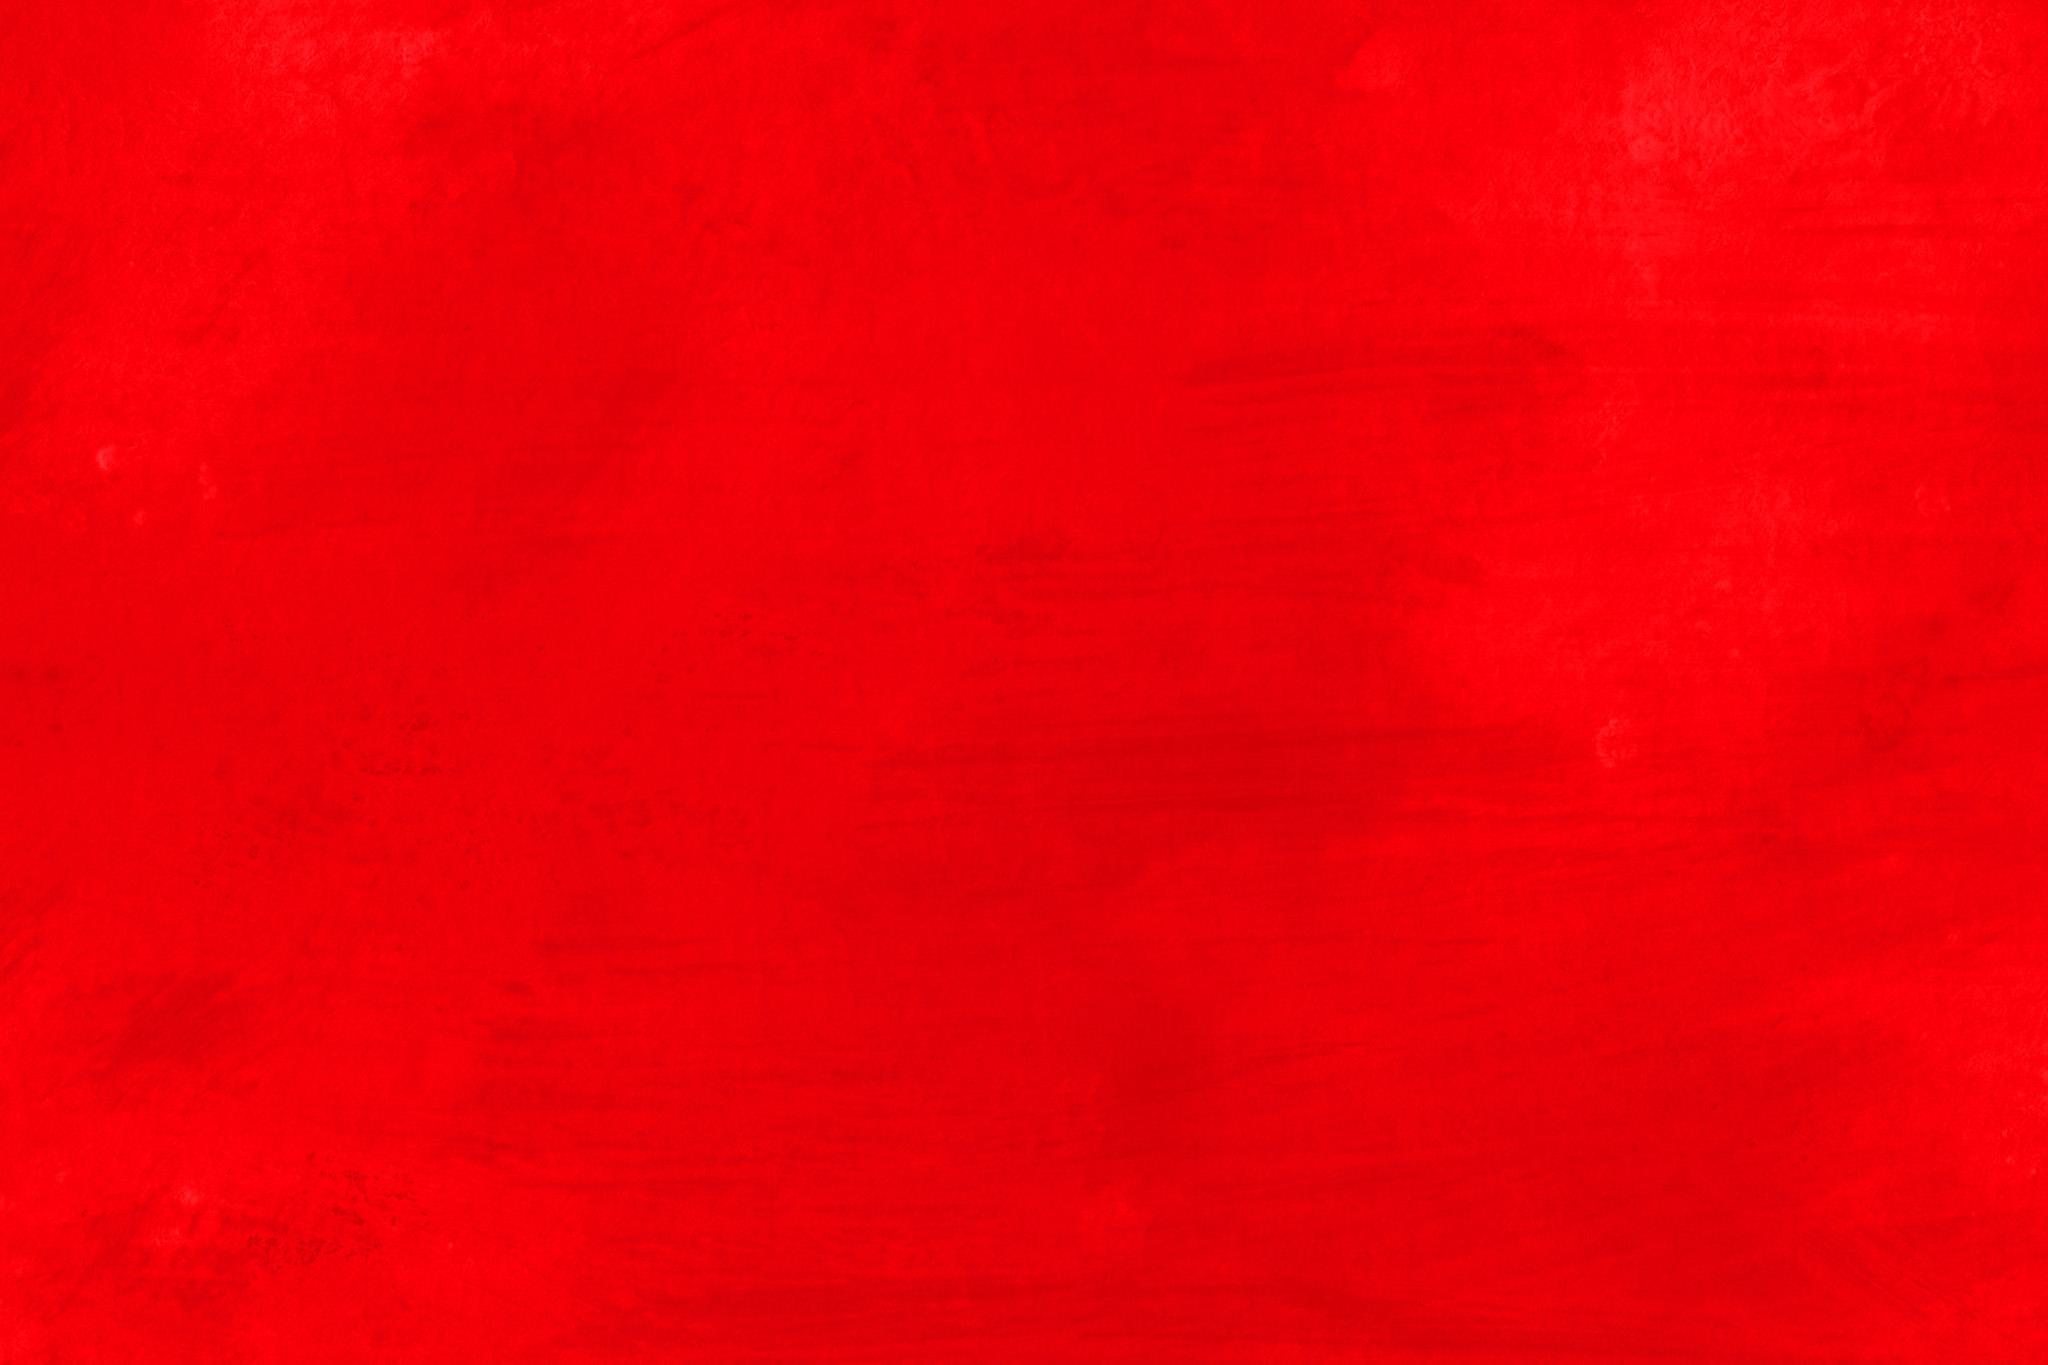 おしゃれな赤のかっこいい壁紙 の画像素材を無料ダウンロード 1 フリー素材 Beiz Images